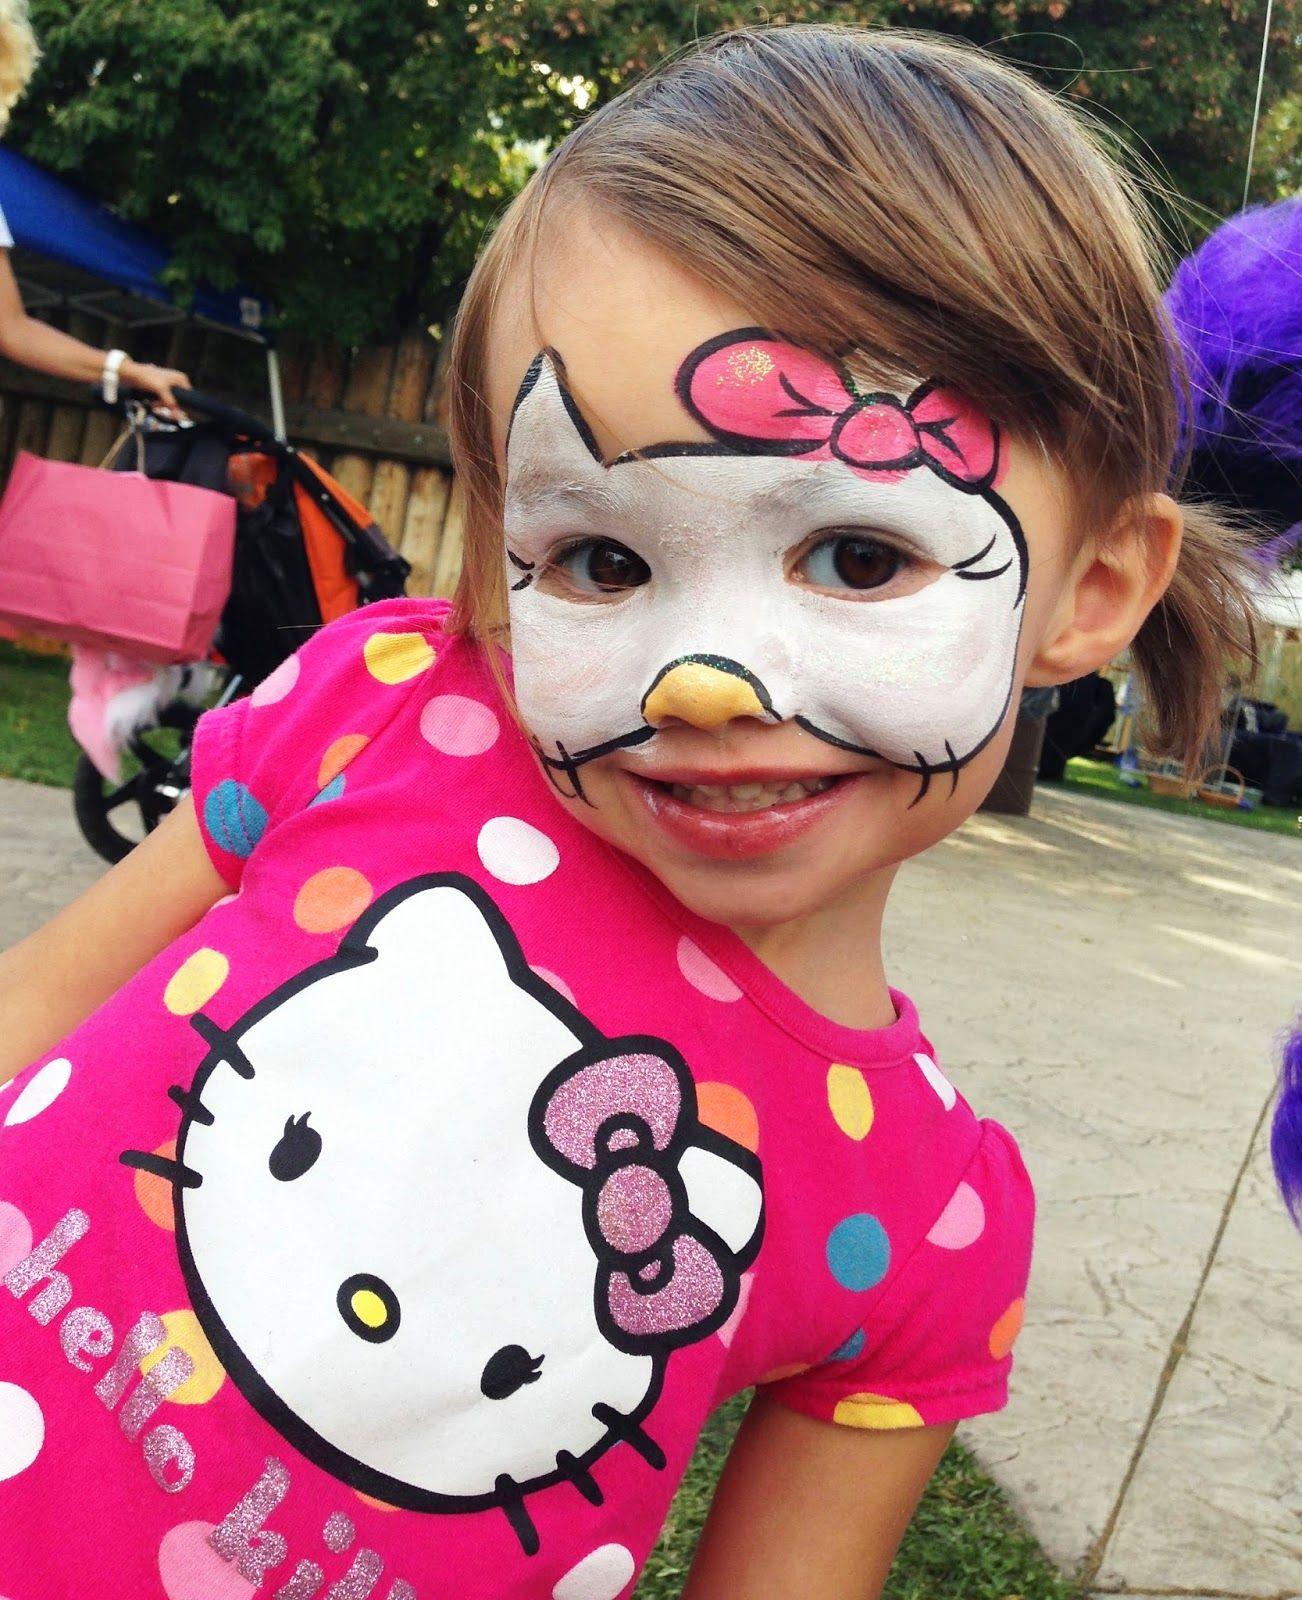 Maquillage Halloween Hello Kitty.Hello Kitty Painting Face Painting Hello Kitty Face Paint Kitty